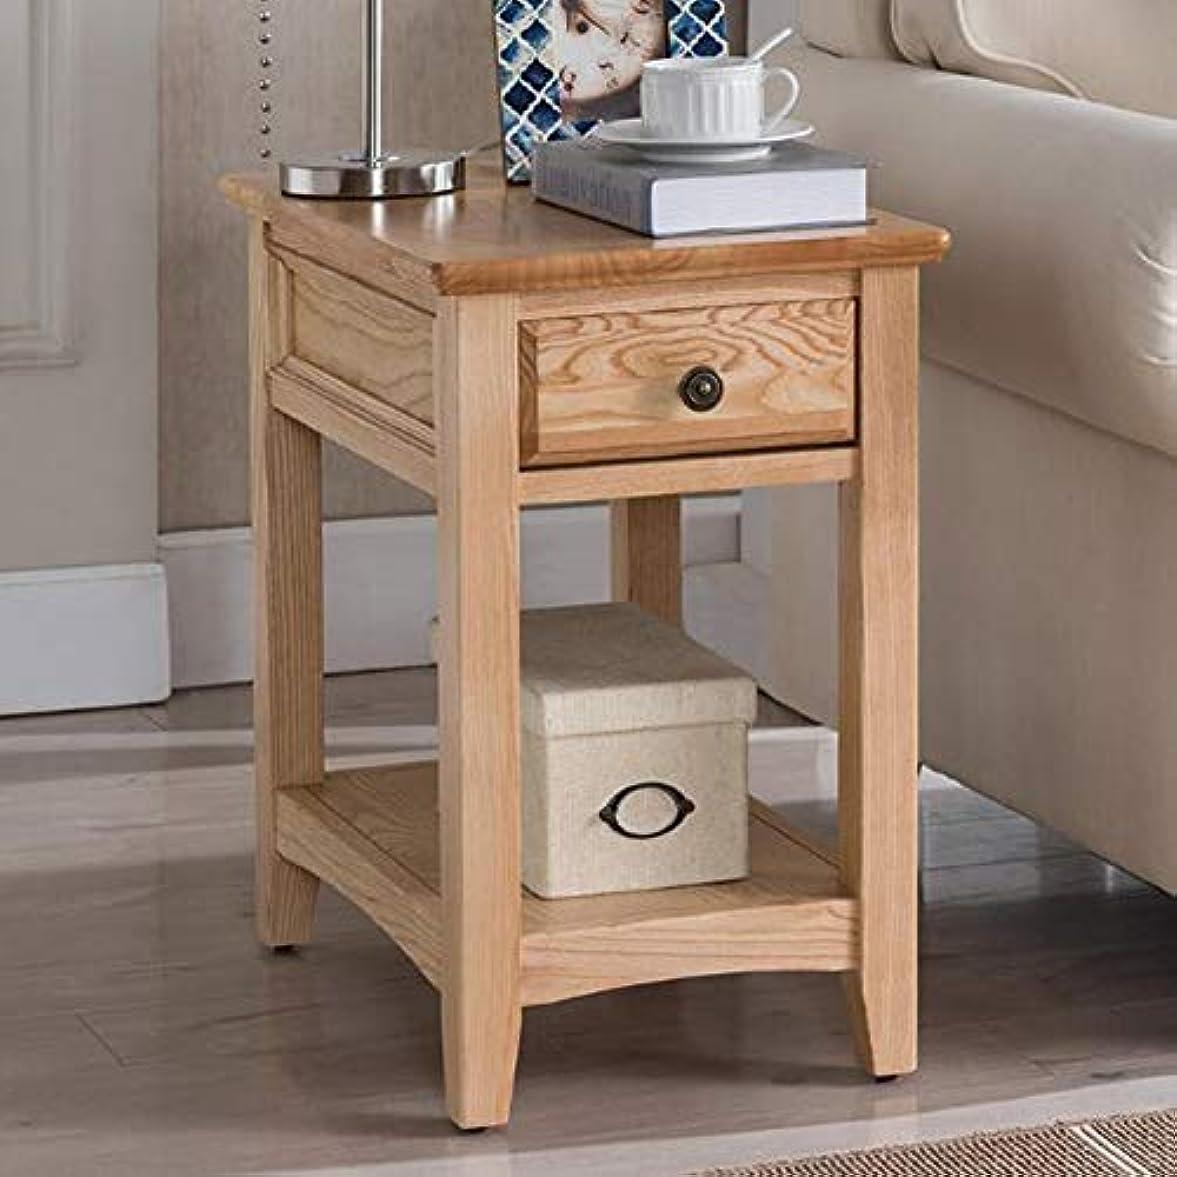 発掘精神ぞっとするようなCJC テーブル、現代のサイドエンドテーブル、引き出しと下の棚が付いている家の純木、オーク材 (色 : Wooden color)